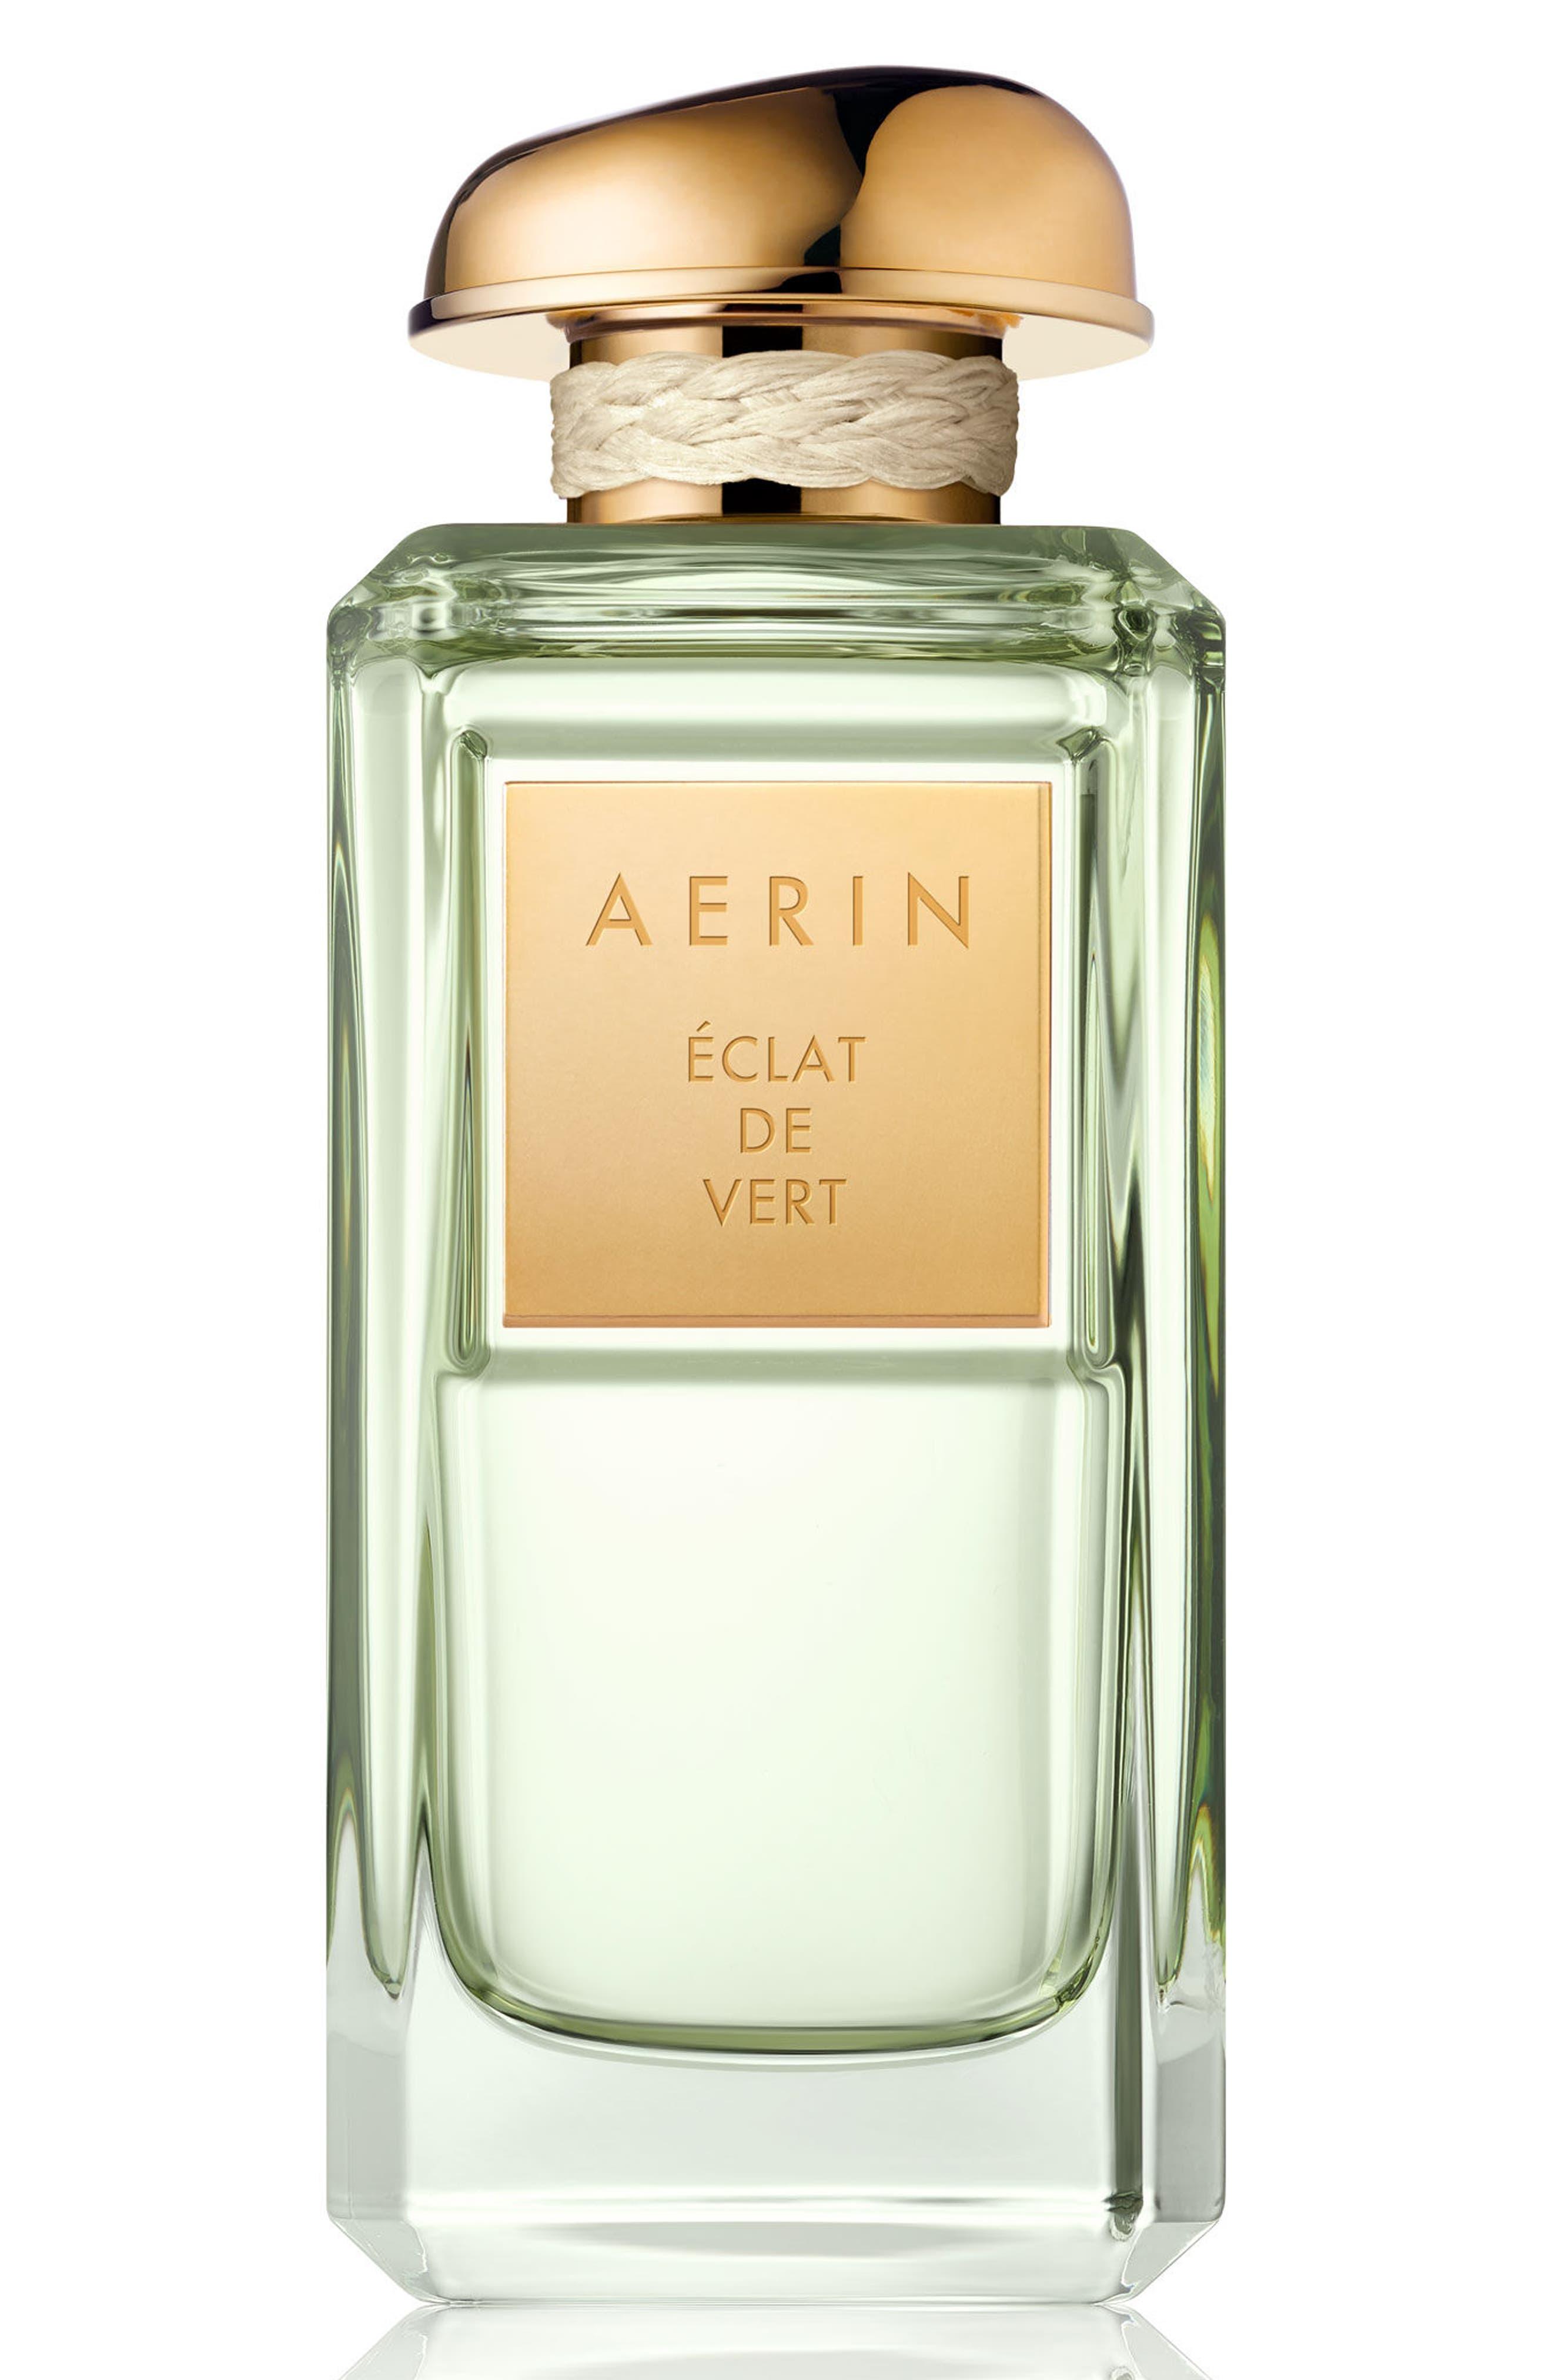 Aerin Beauty Eclat De Vert Parfum